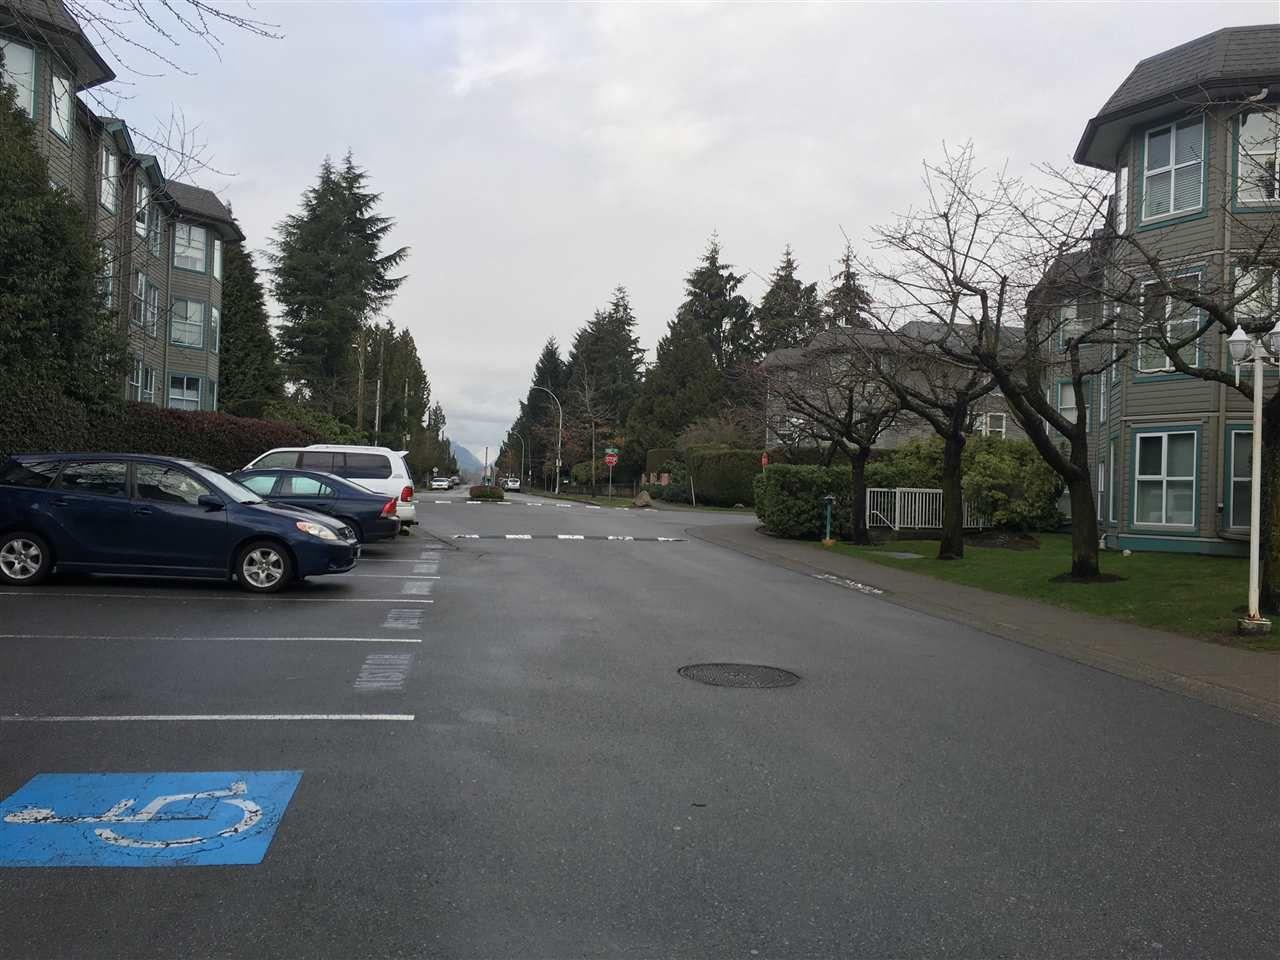 Photo 3: Photos: 106 15150 108TH AVENUE in Surrey: Bolivar Heights Condo for sale (North Surrey)  : MLS®# R2148396